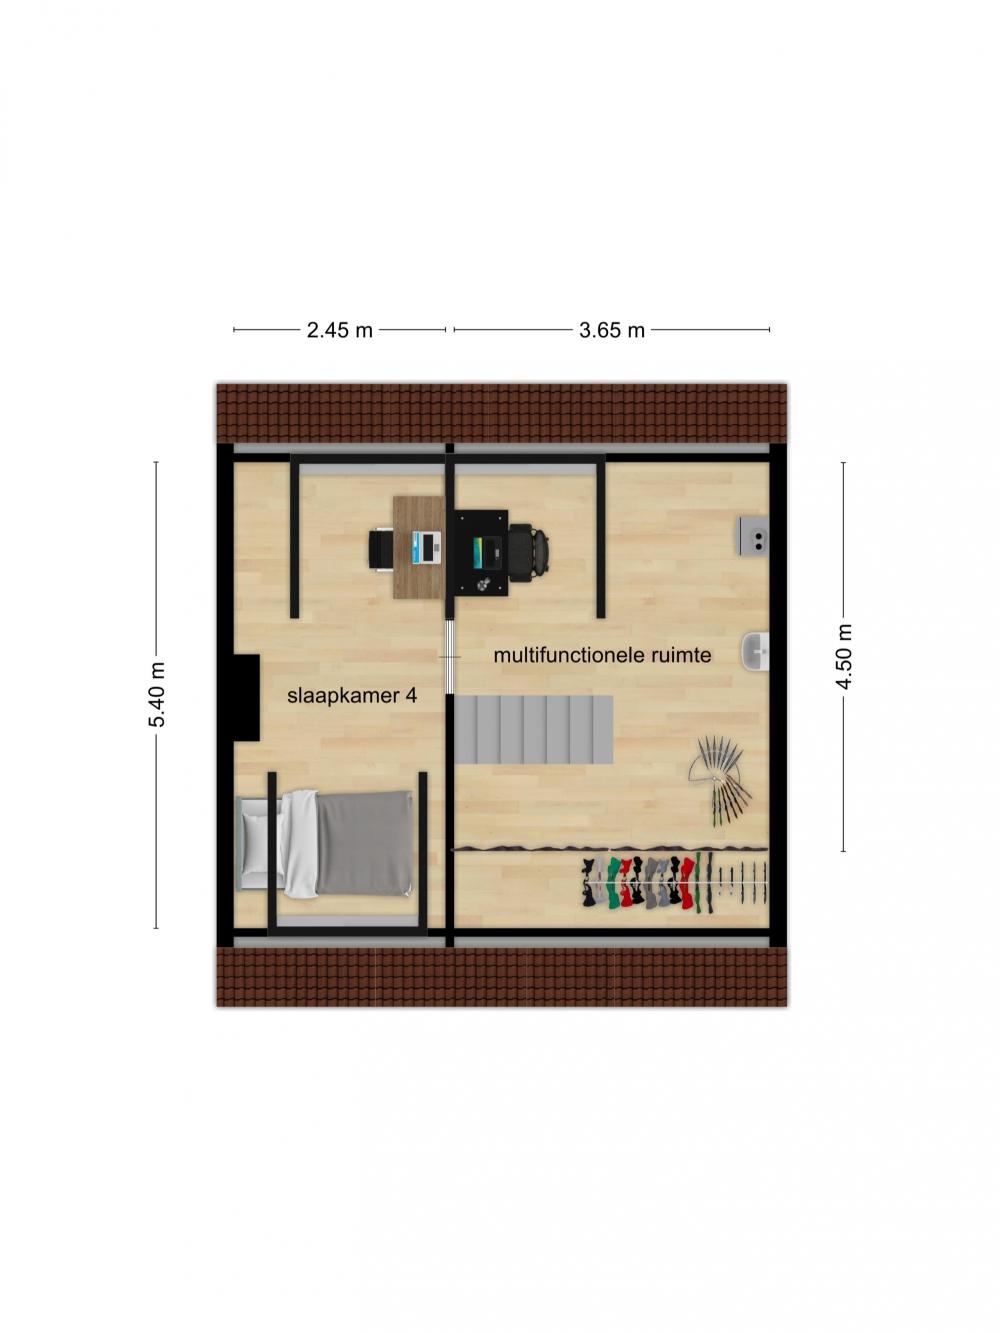 kesteren-guido-gezellestraat-19